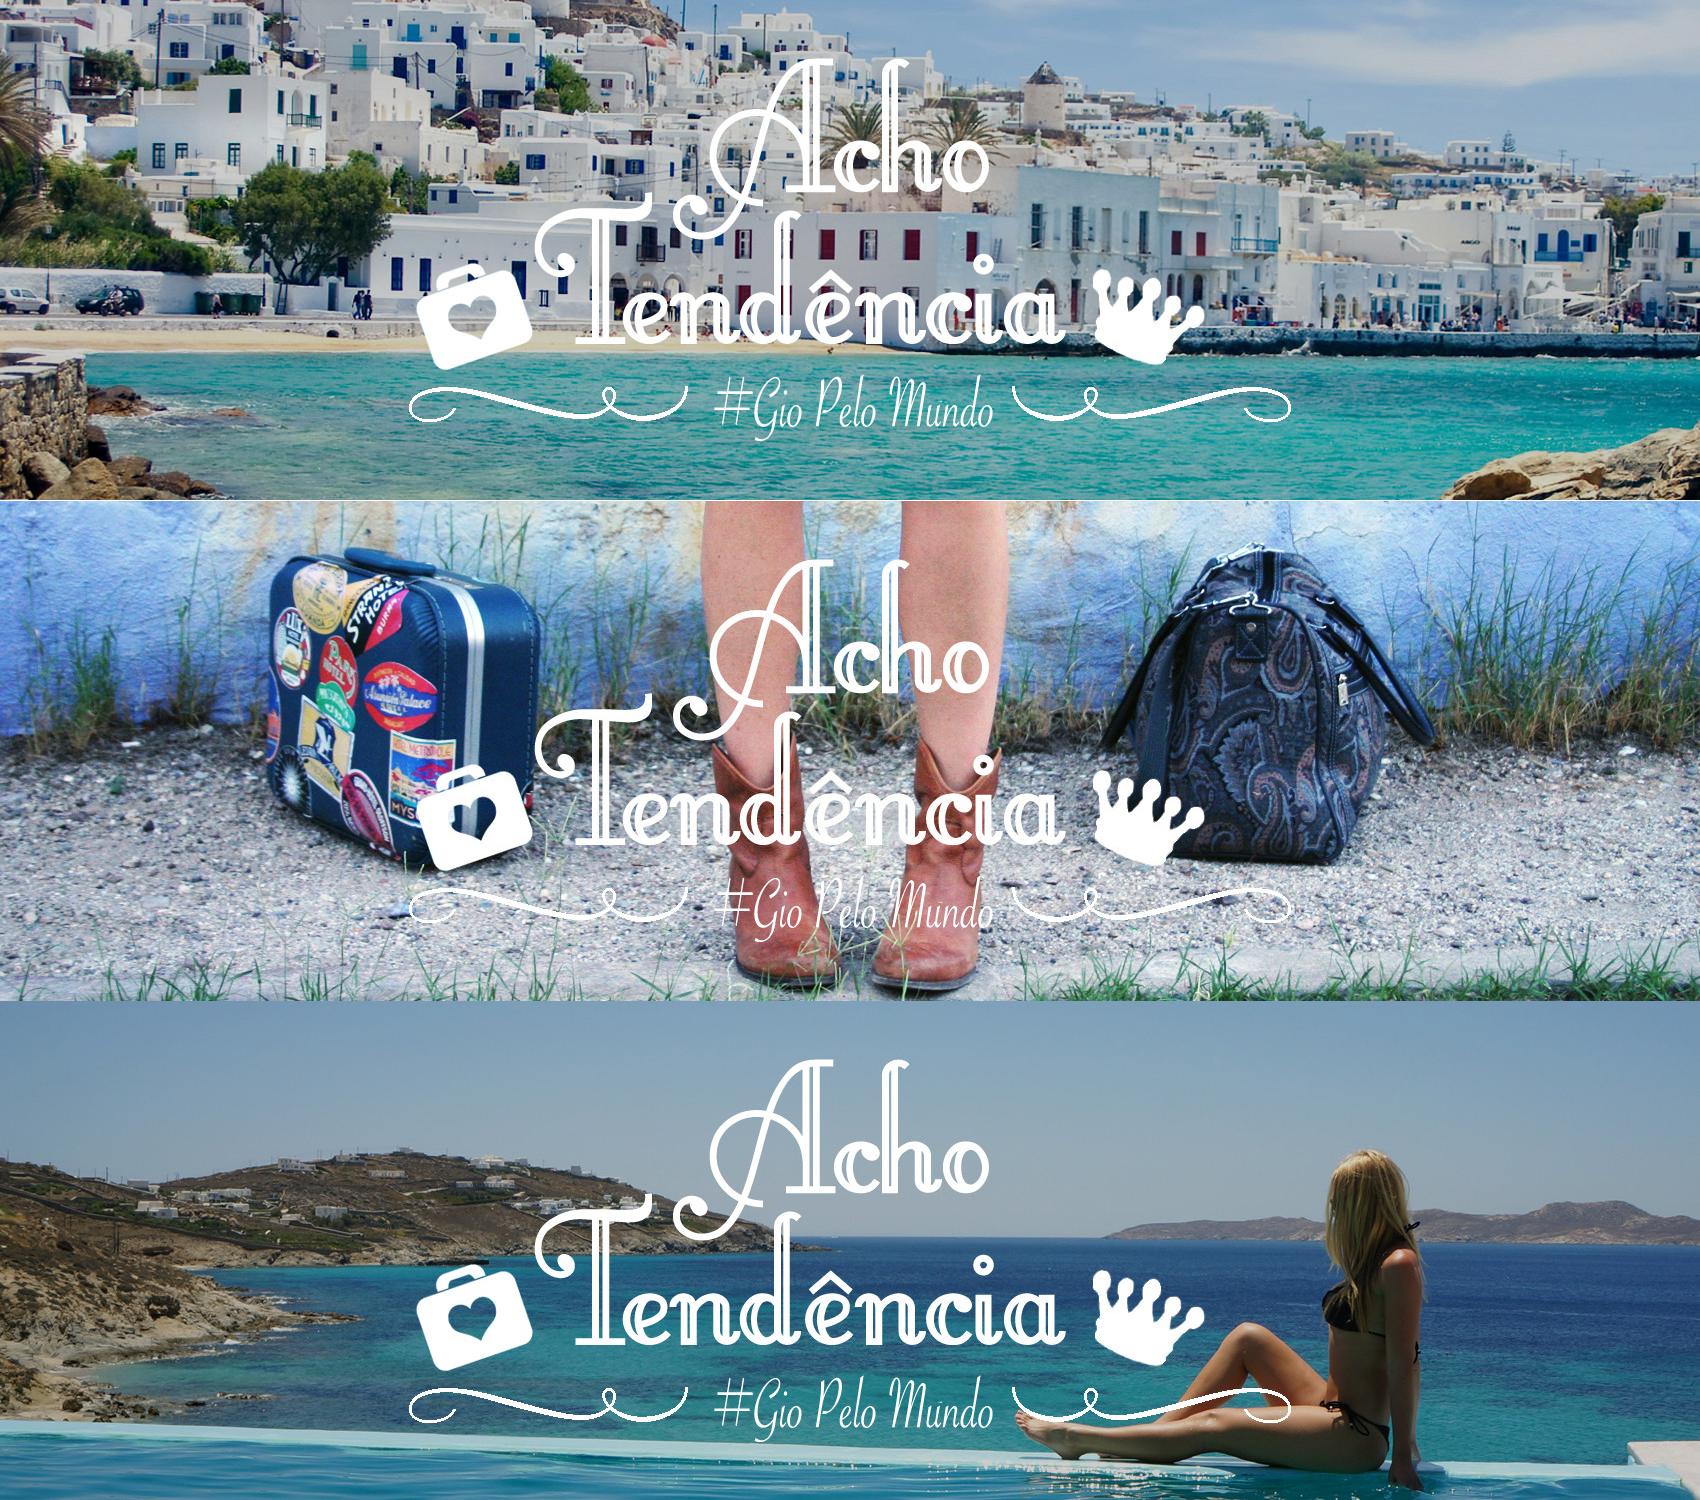 blog de moda, blog de viagem, acho tendencia, giovana quaglio,